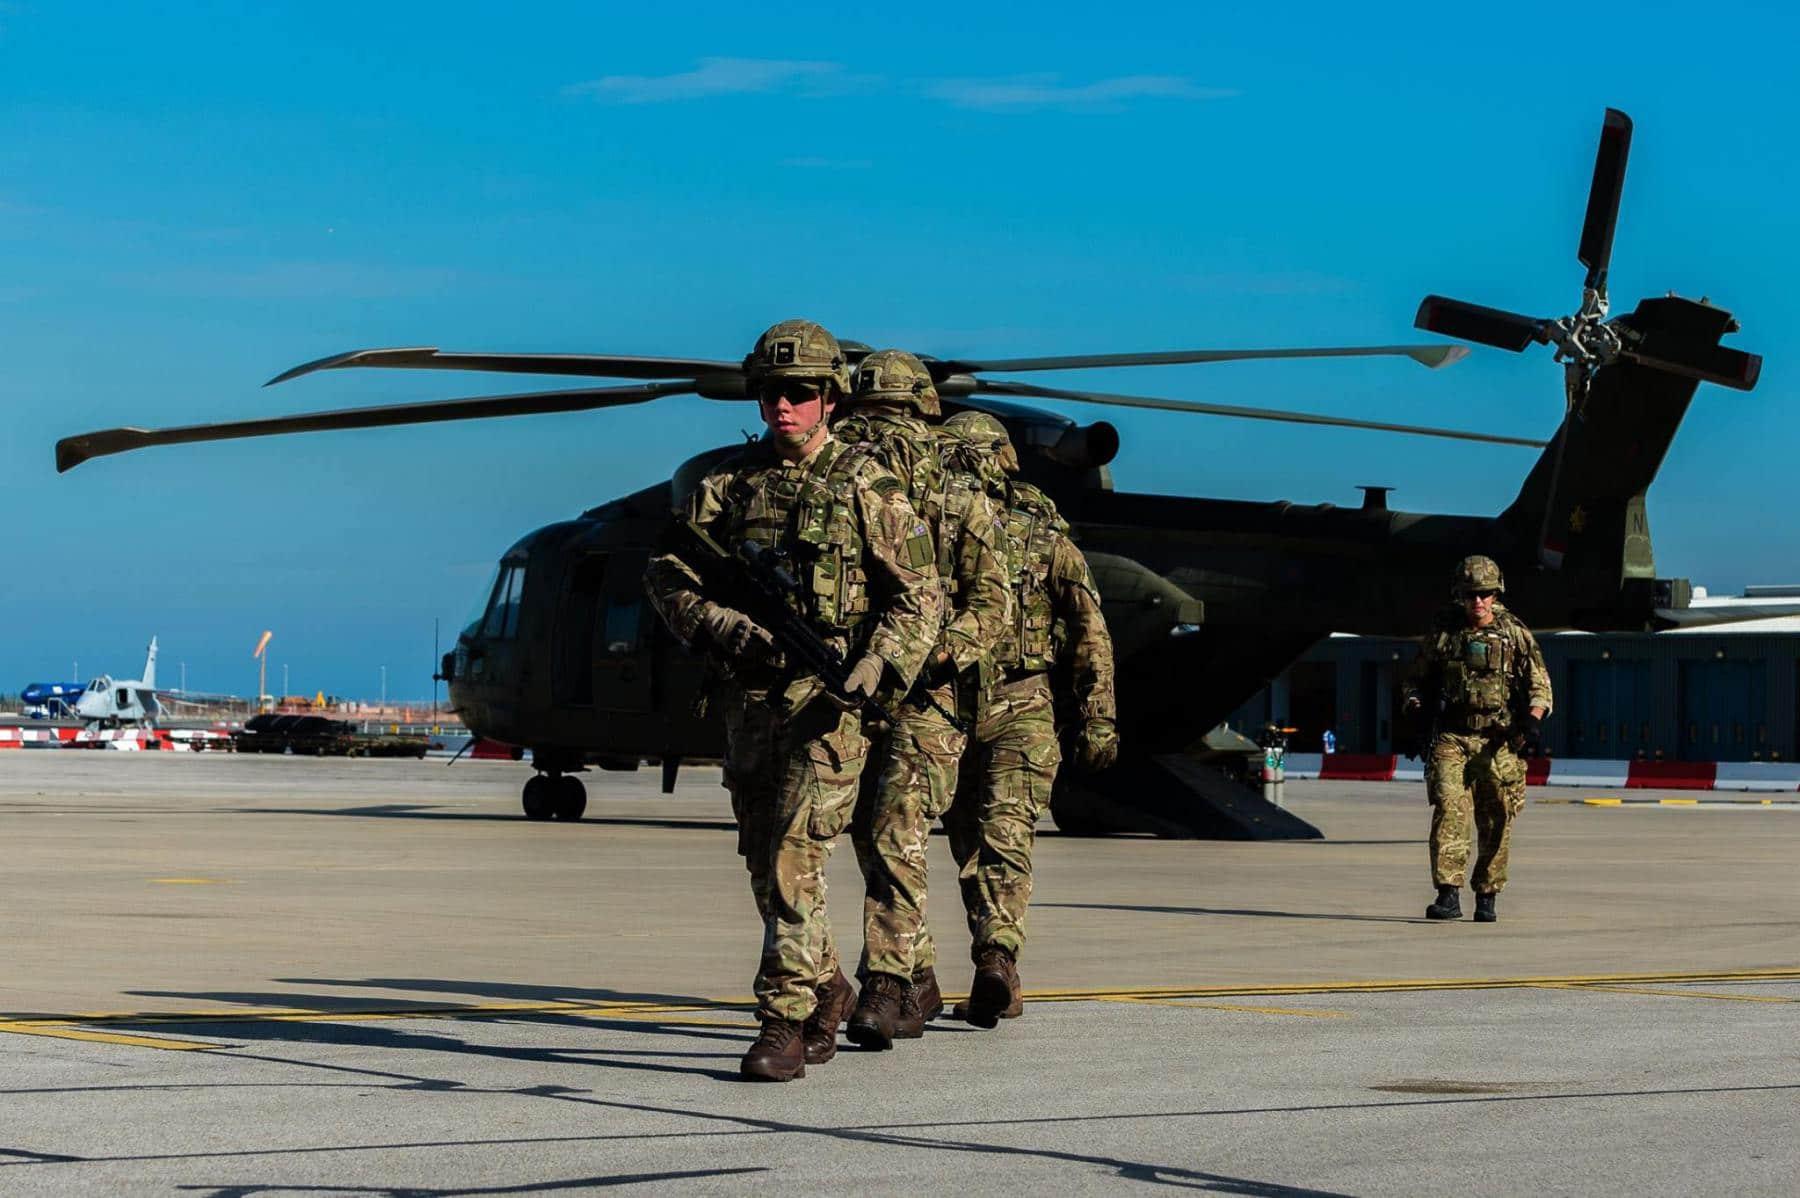 15-de-enero-2016-simulacro-de-rescate-con-helicpteros-merlin-mk3-en-gibraltar-17_23770226254_o